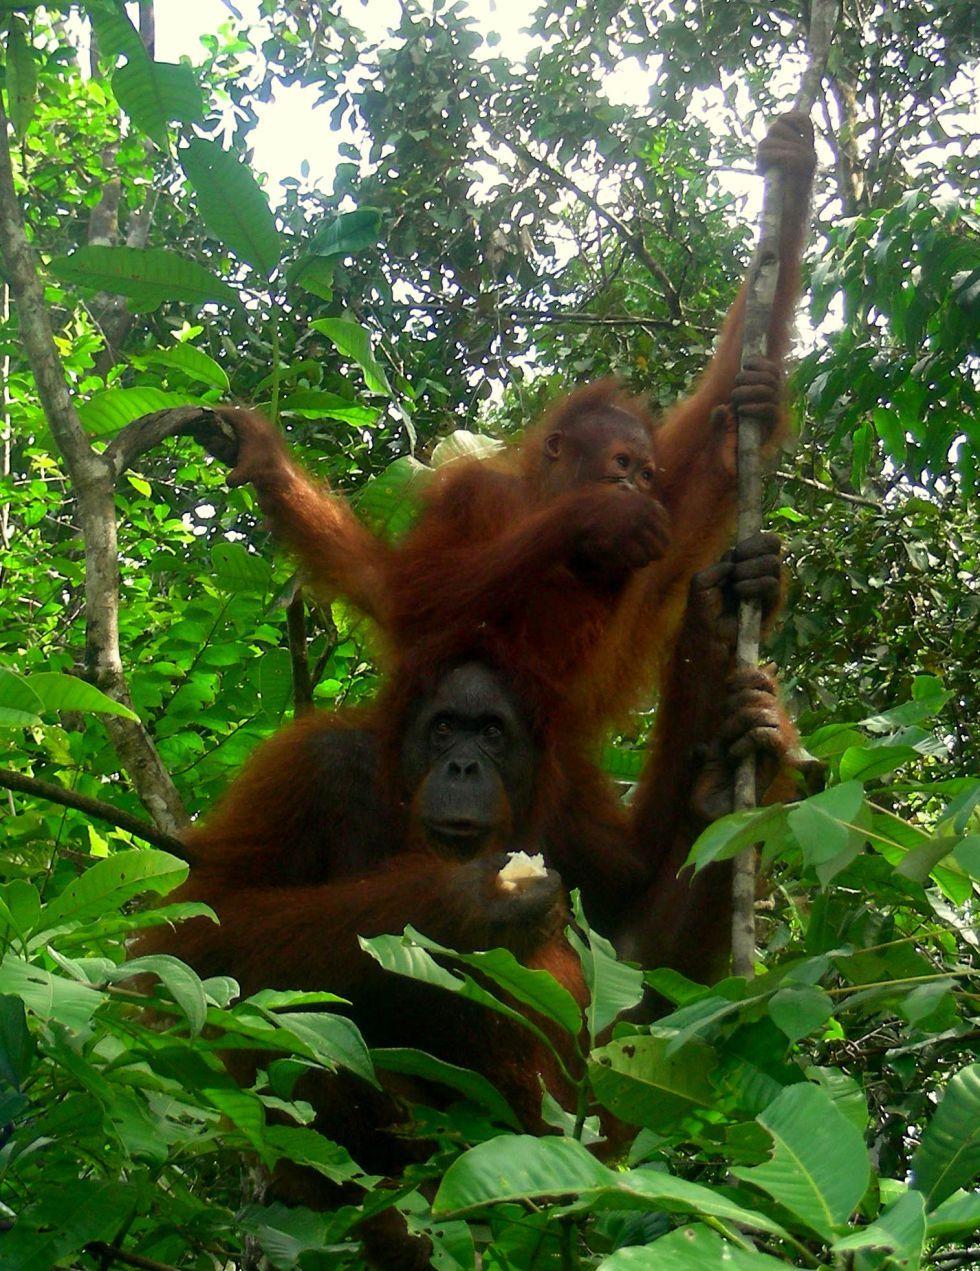 ogladanie naturalnie wystepujacych dzikich zwierzat w semengoh wildlife centre